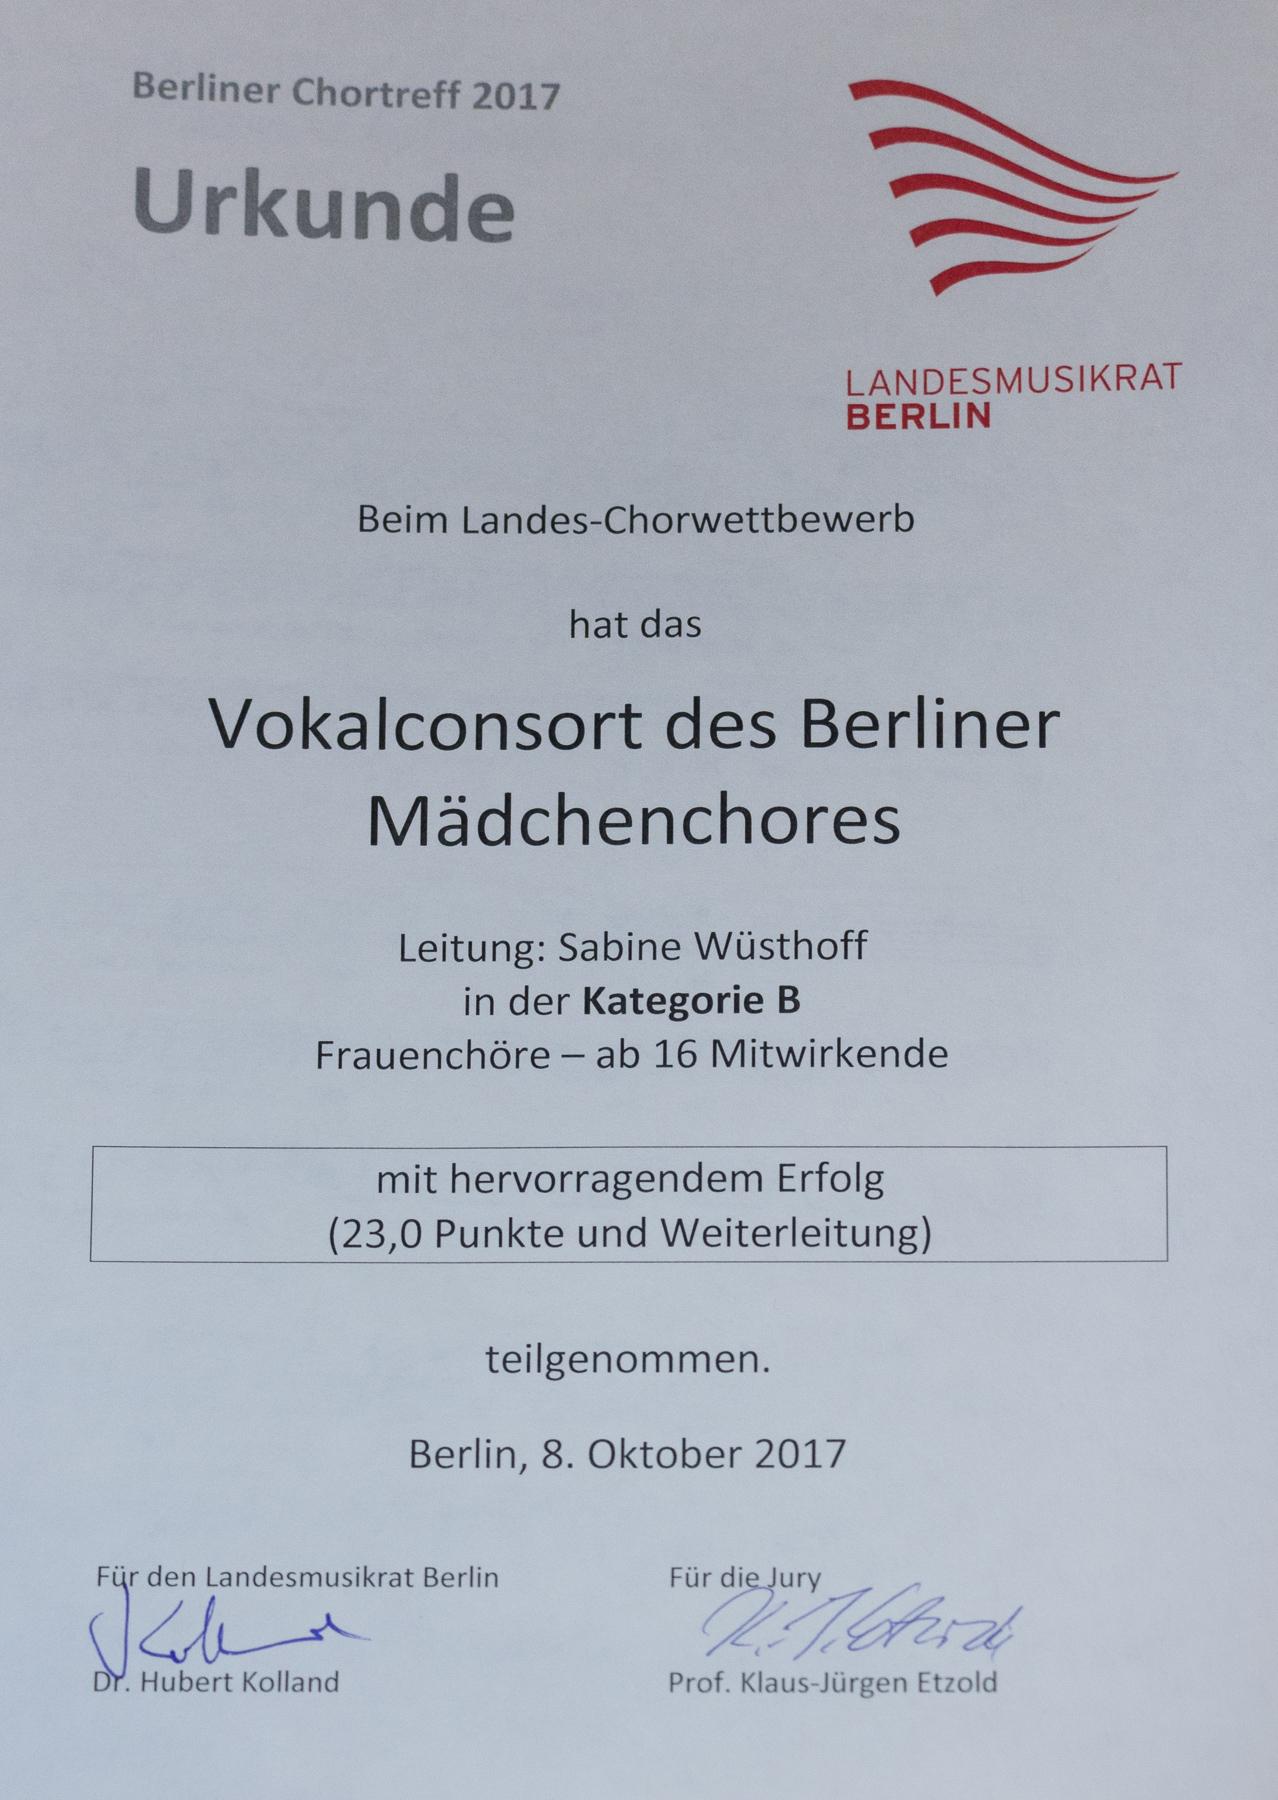 Urkunde Landeschorwettbewerb für Vokalconsort